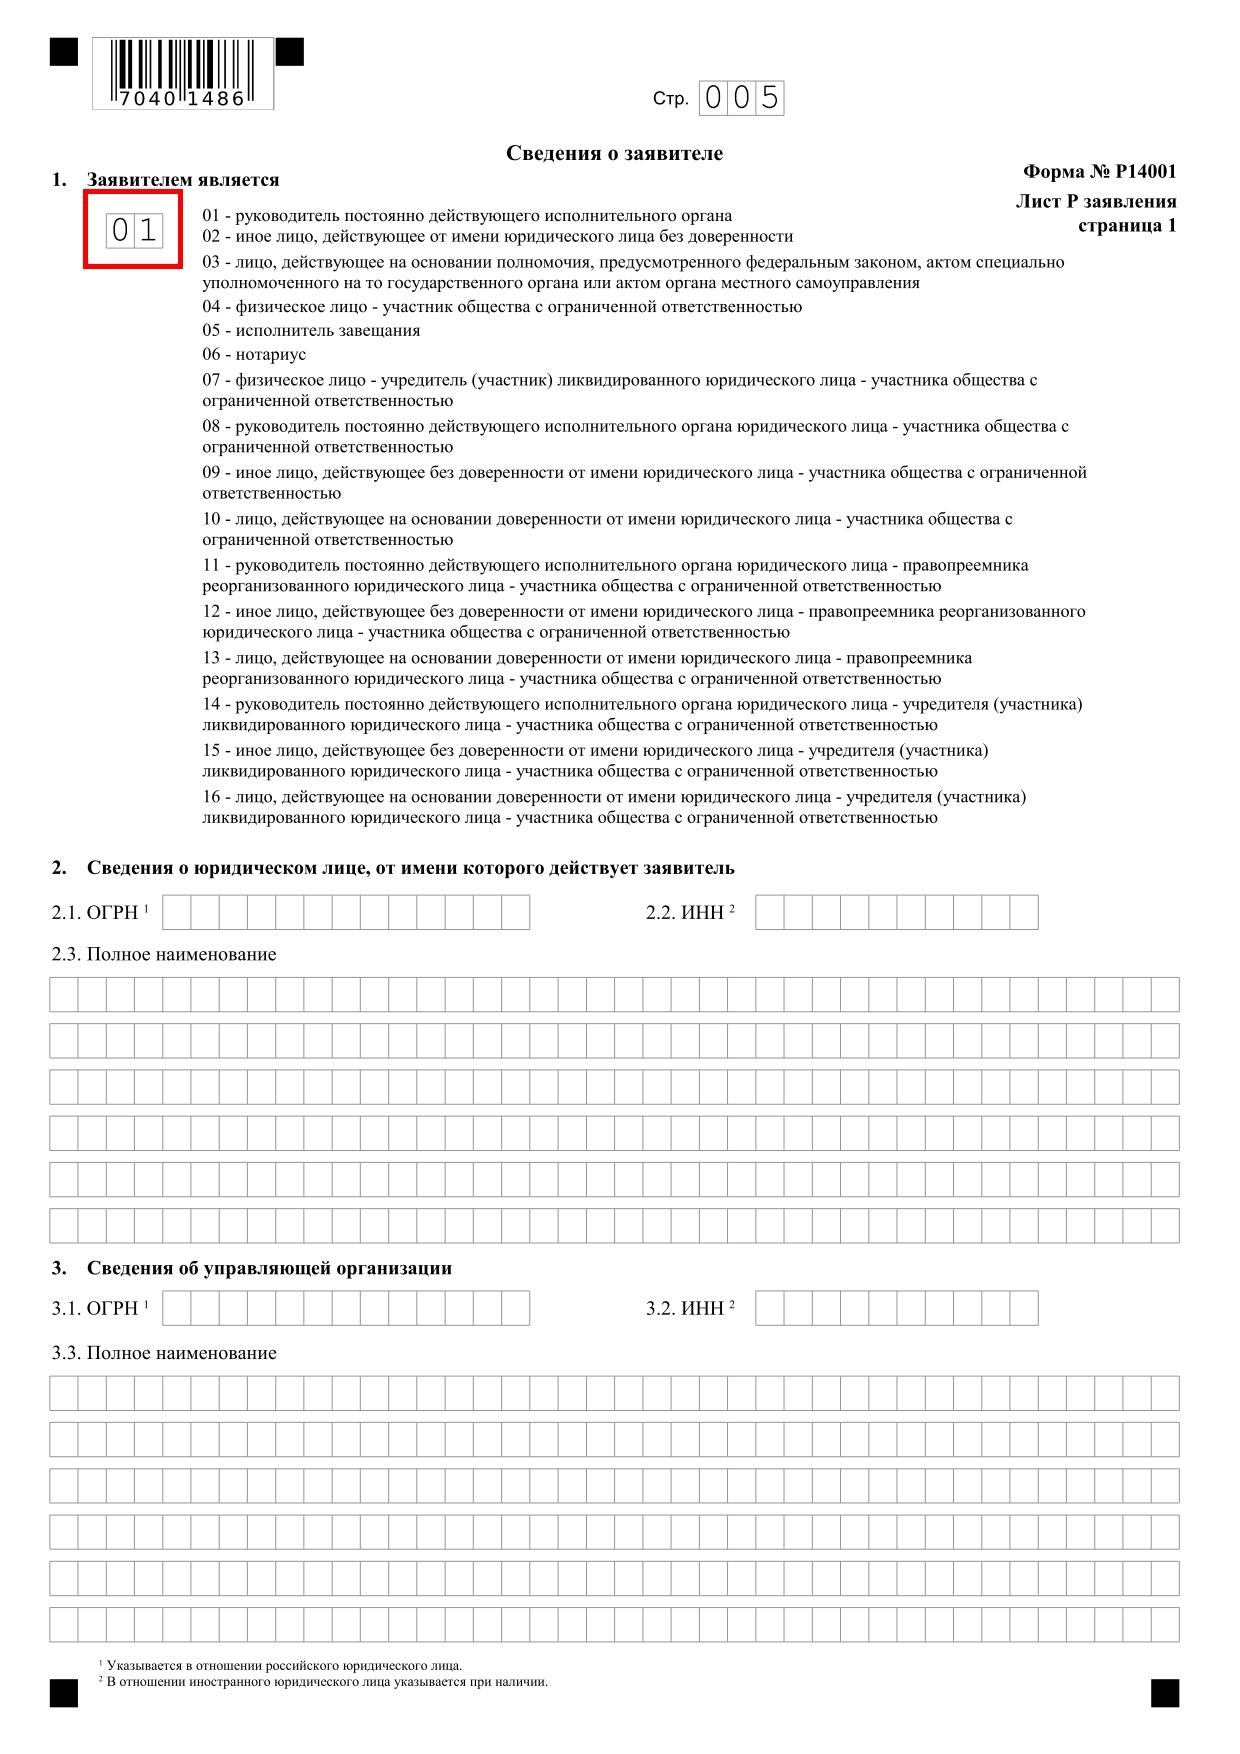 паспорт сделки бланк в новой редакции 2013